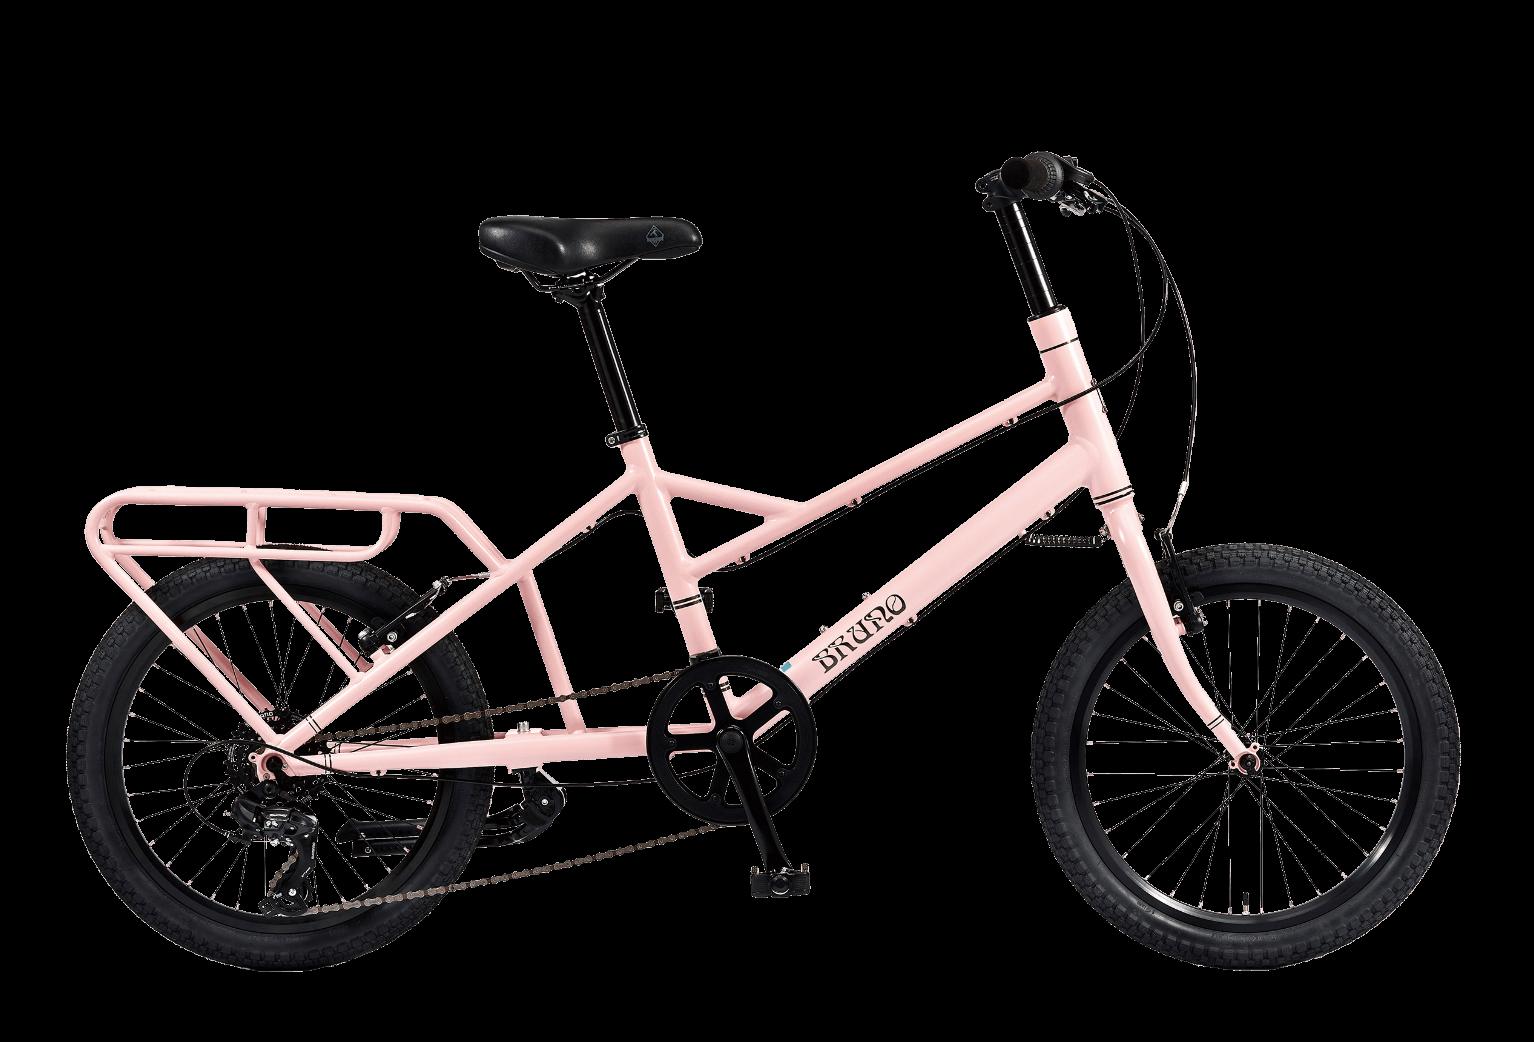 20インチのピンクの自転車ミニベロツール